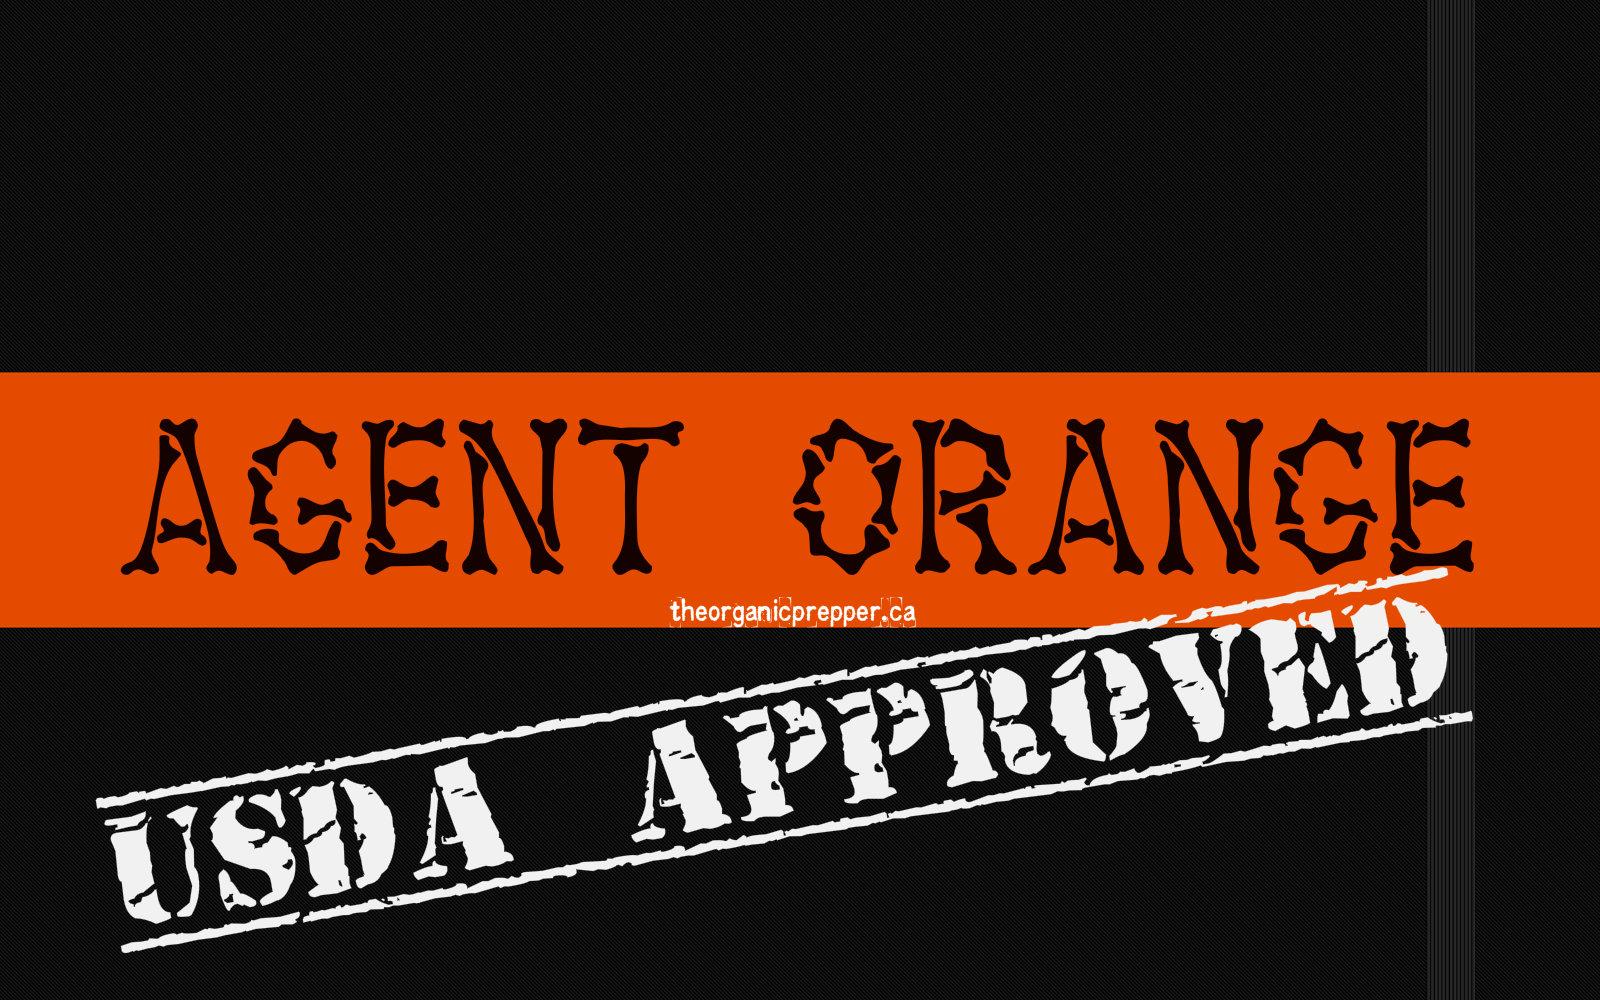 USDA approved agent orange